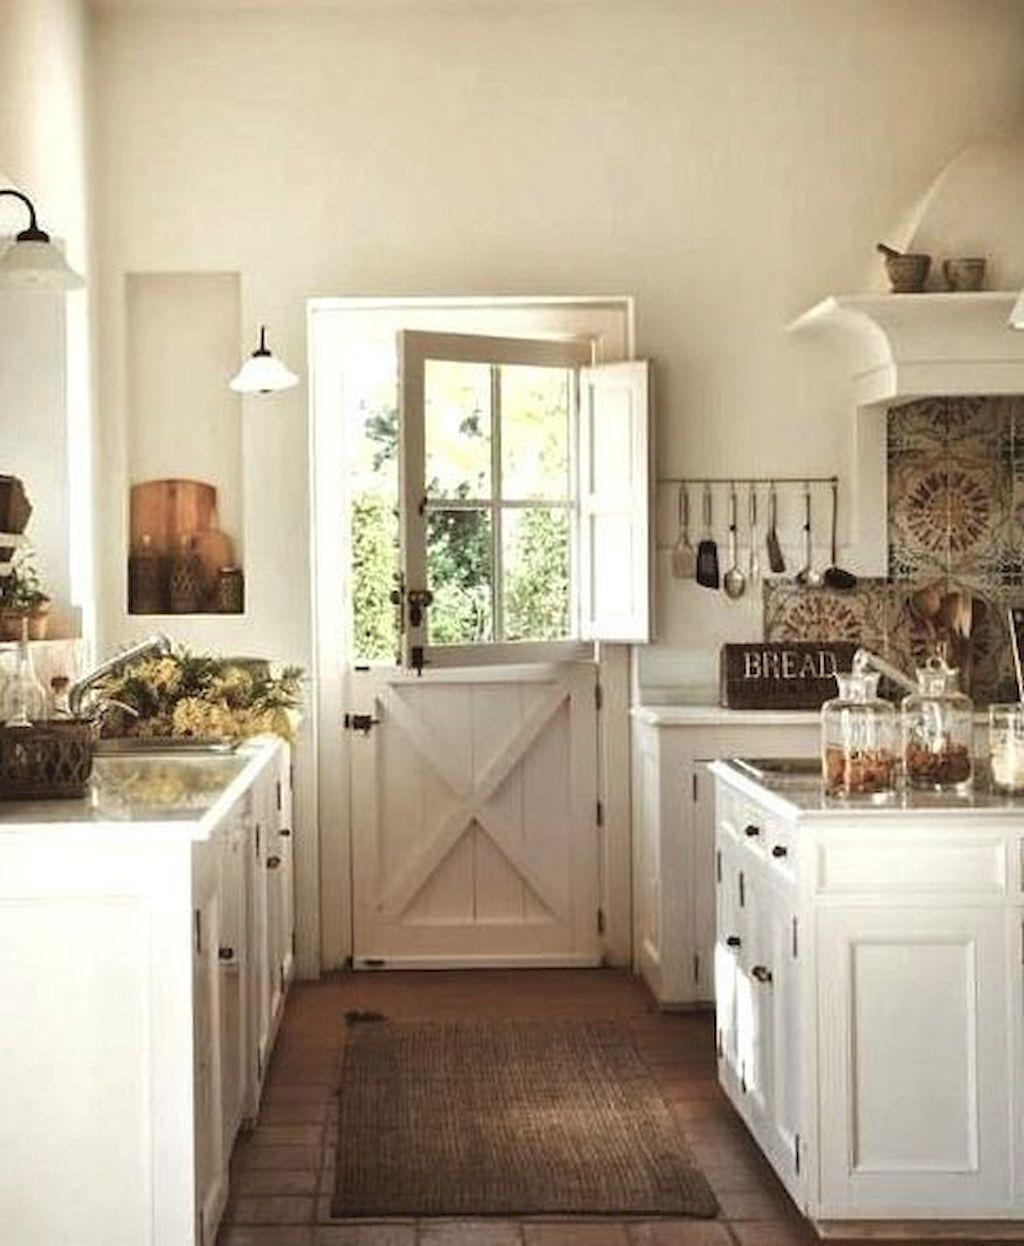 80 Stunning Farmhouse Kitchen Design and Decor Ideas ...